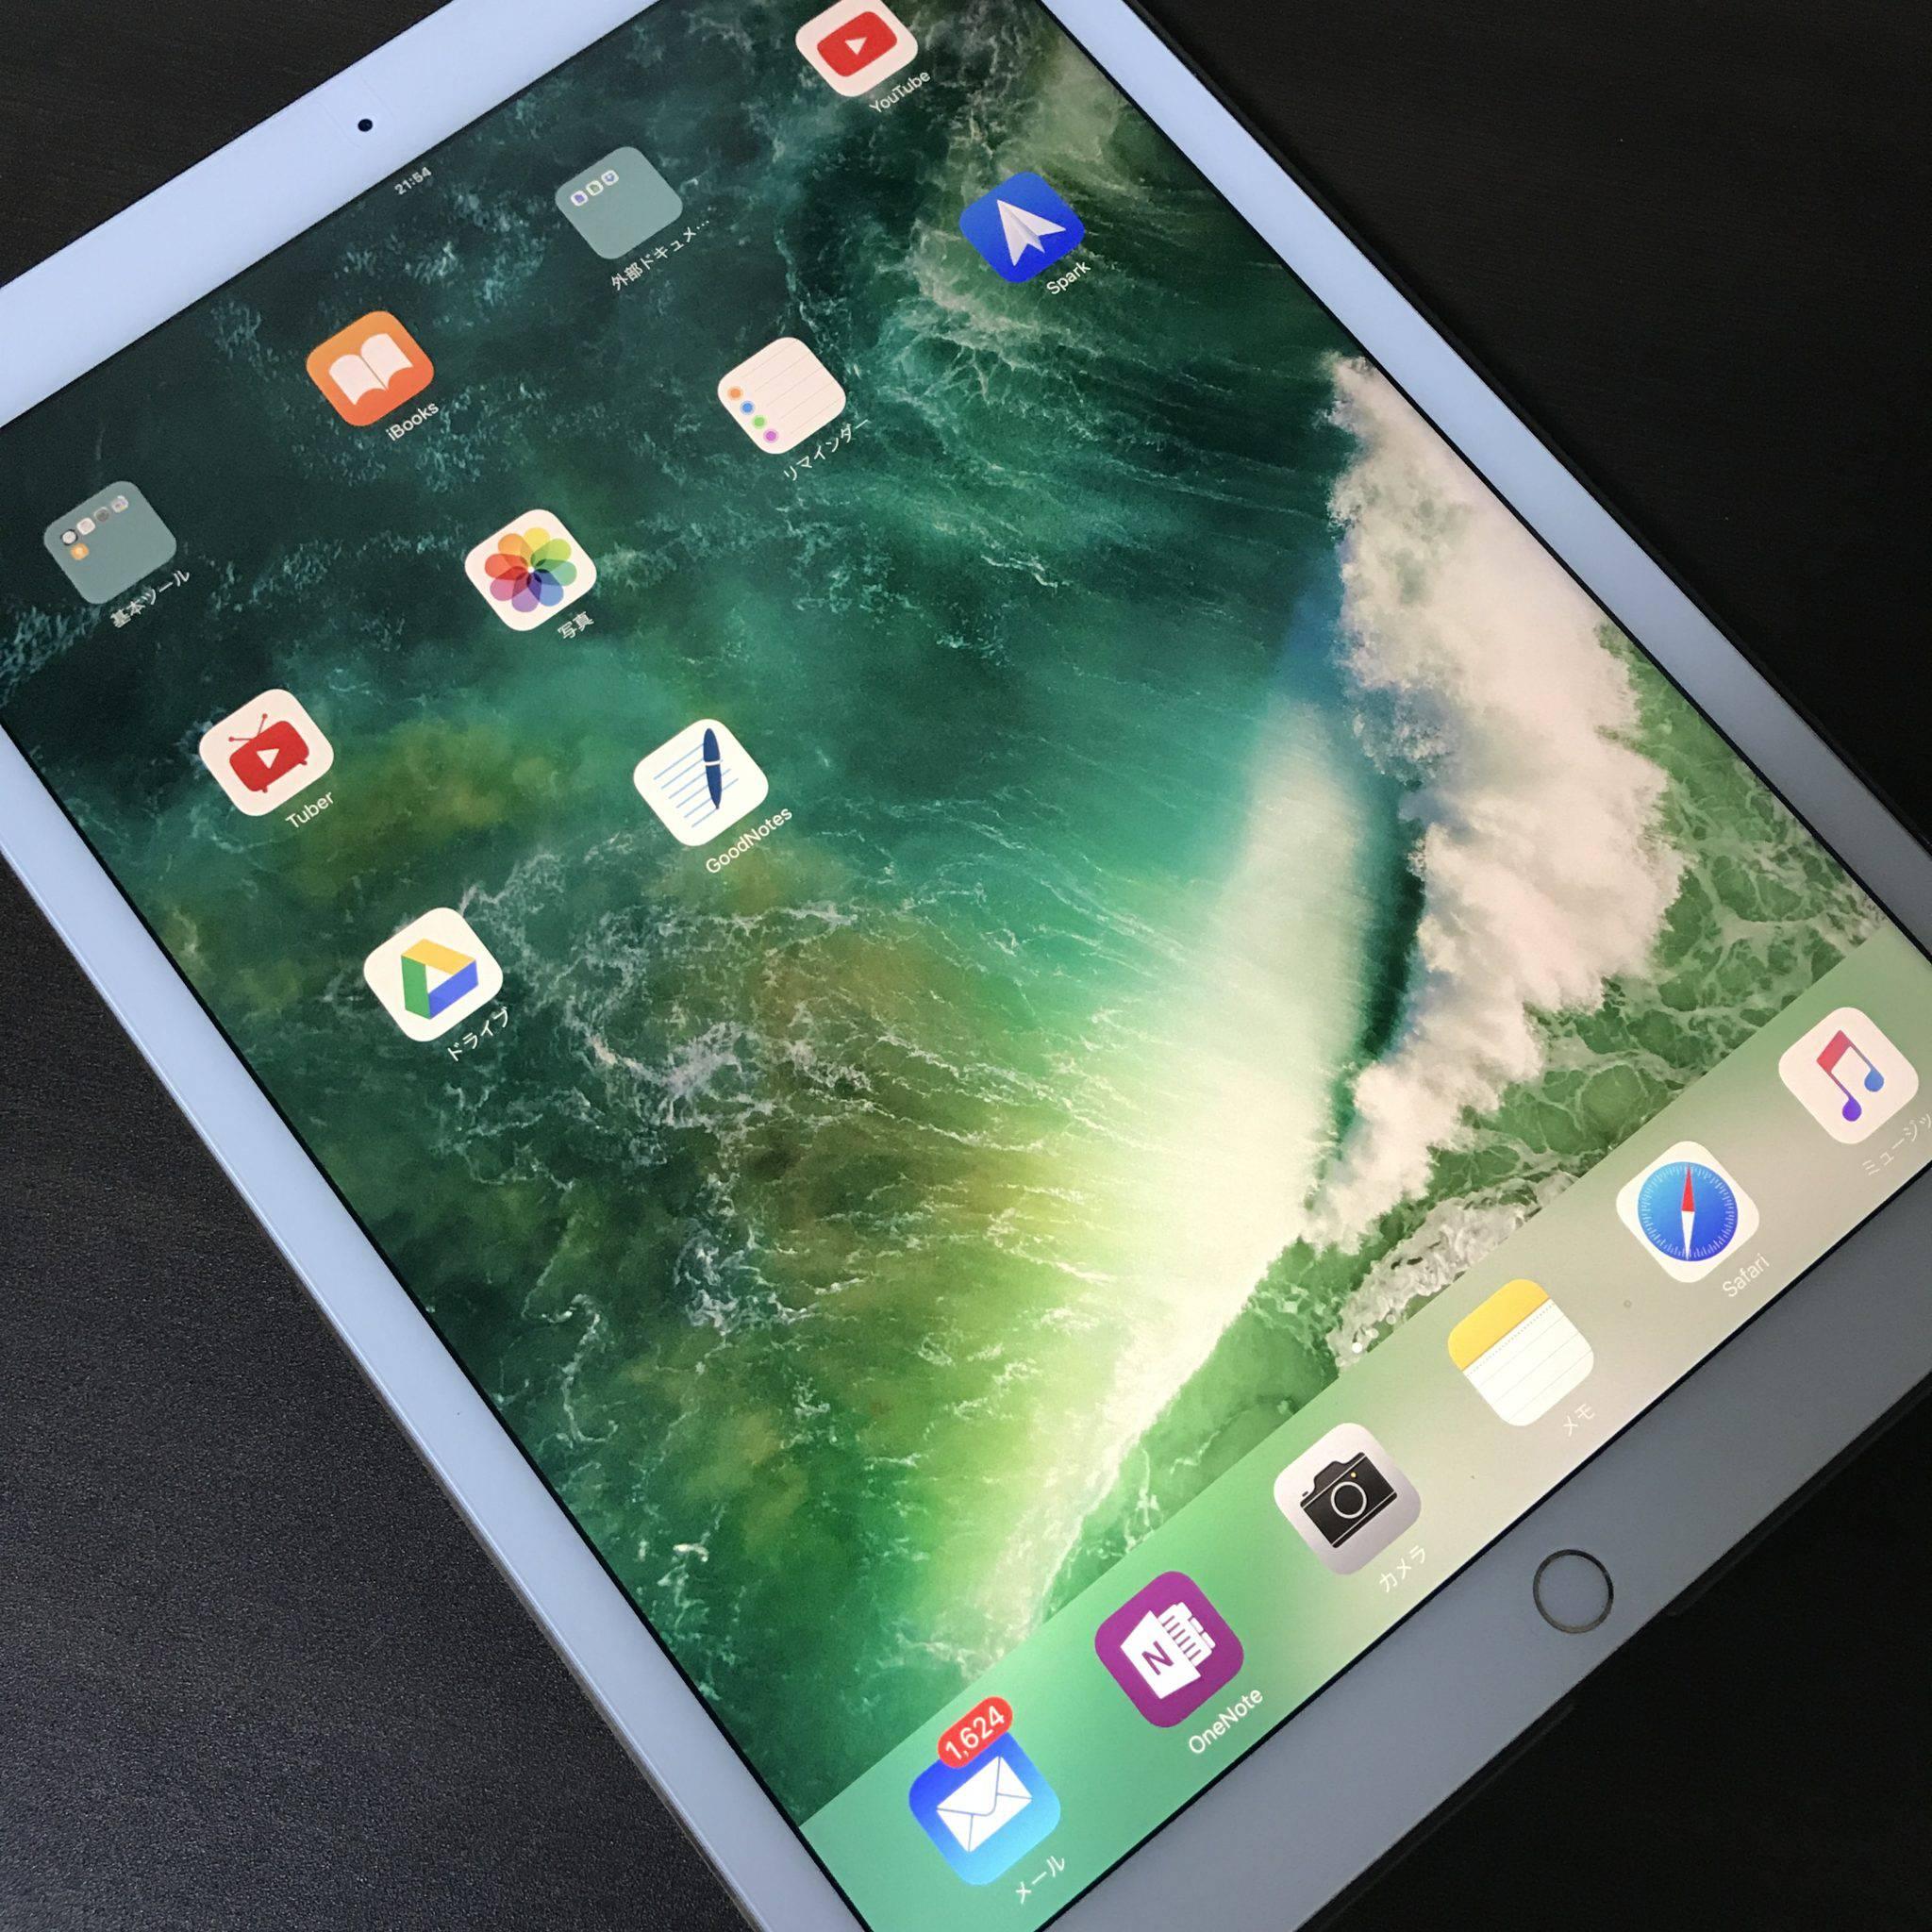 iPad Pro12.9inch のスプリットビュー(画面分割利用)について詳しく書きます。